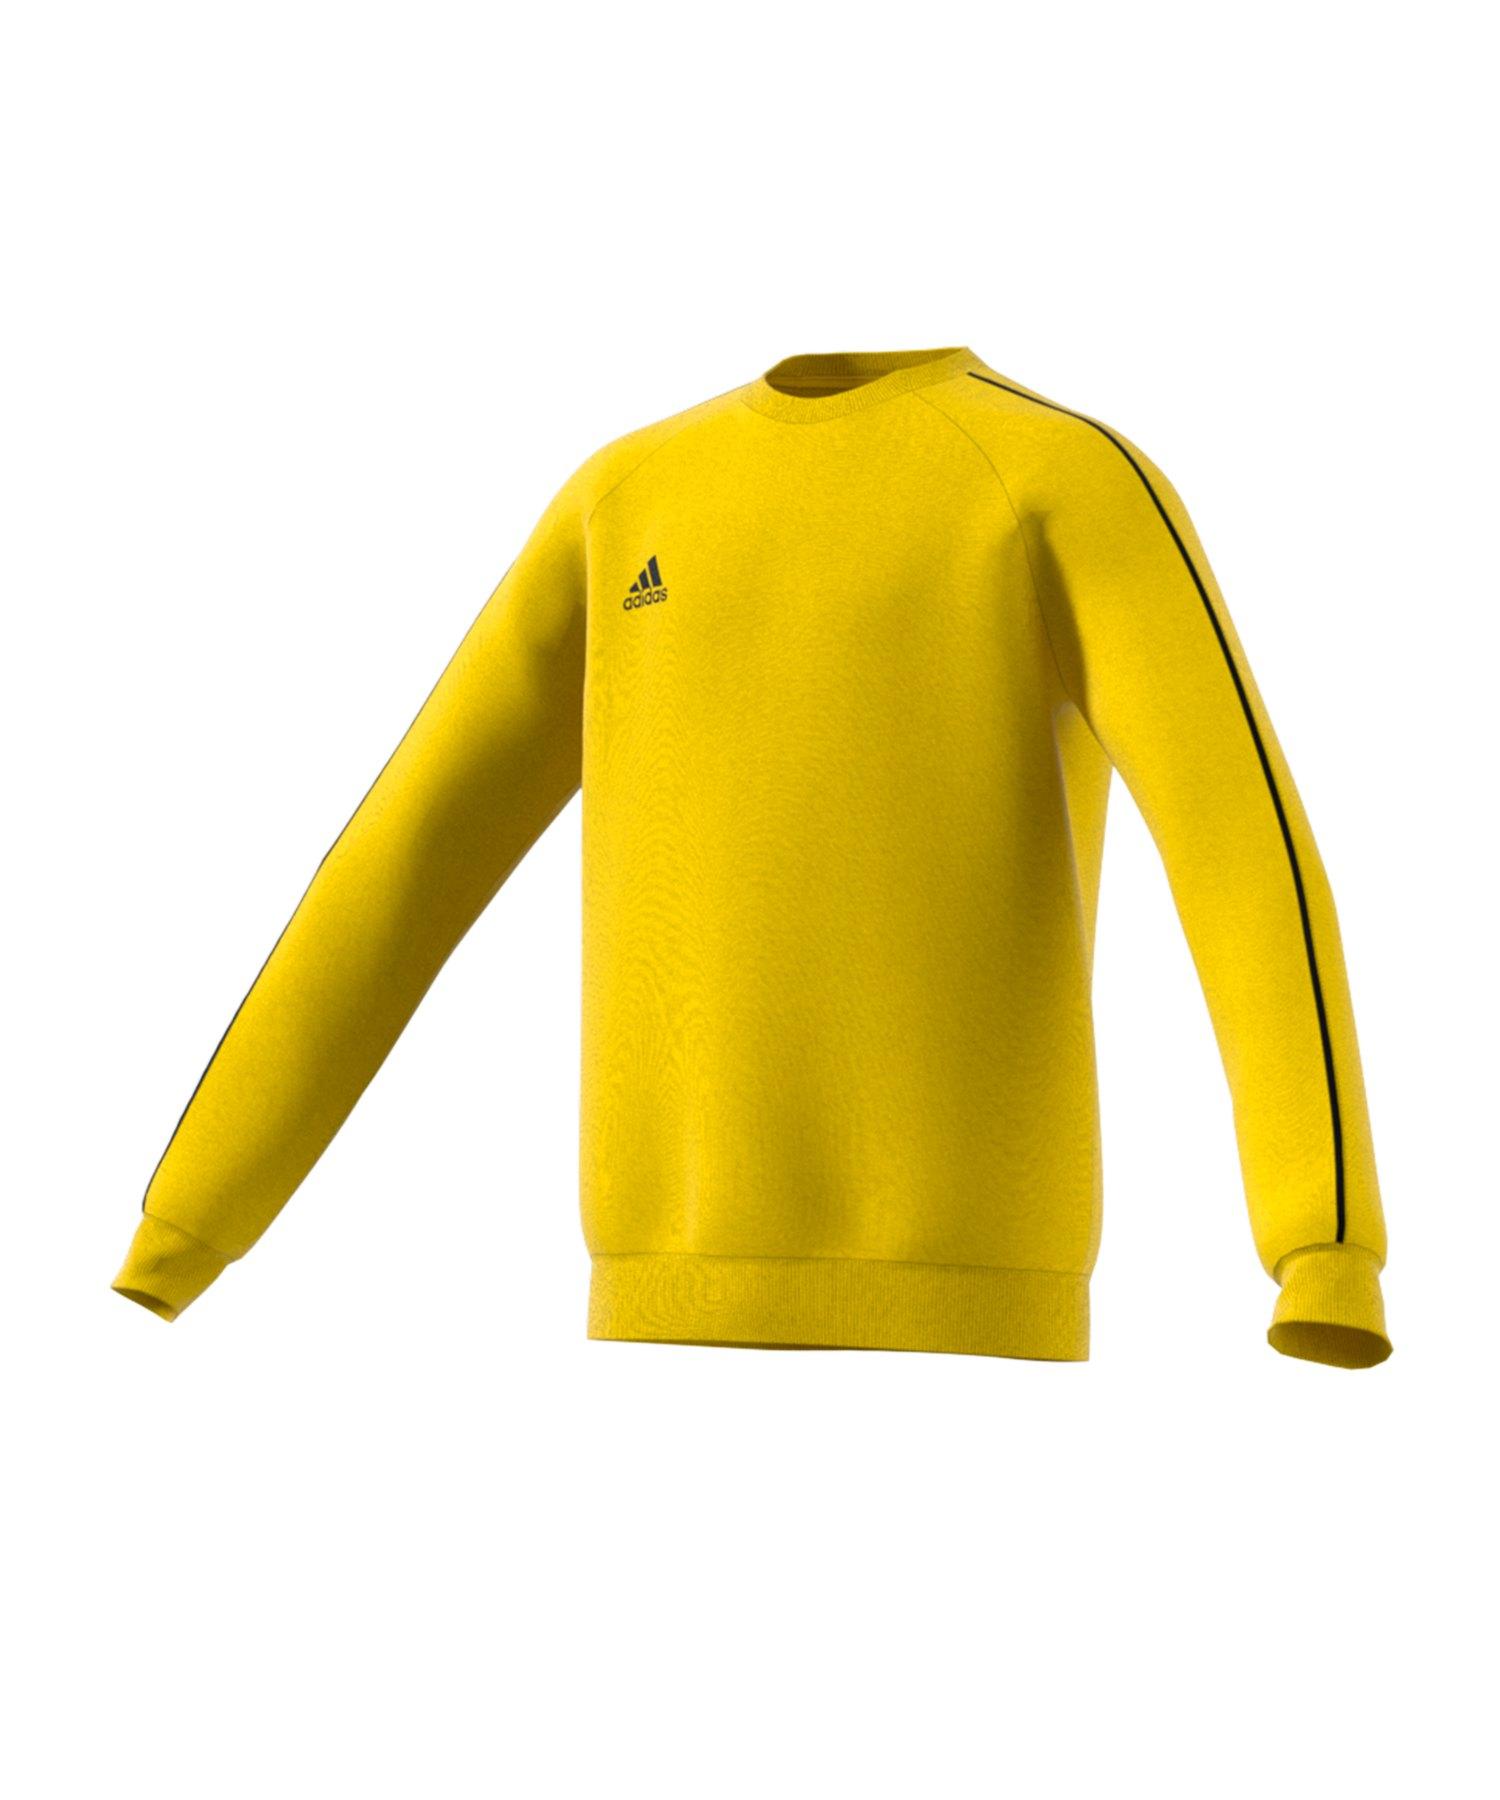 adidas Core 18 Sweat Top Kids Gelb Schwarz - gelb